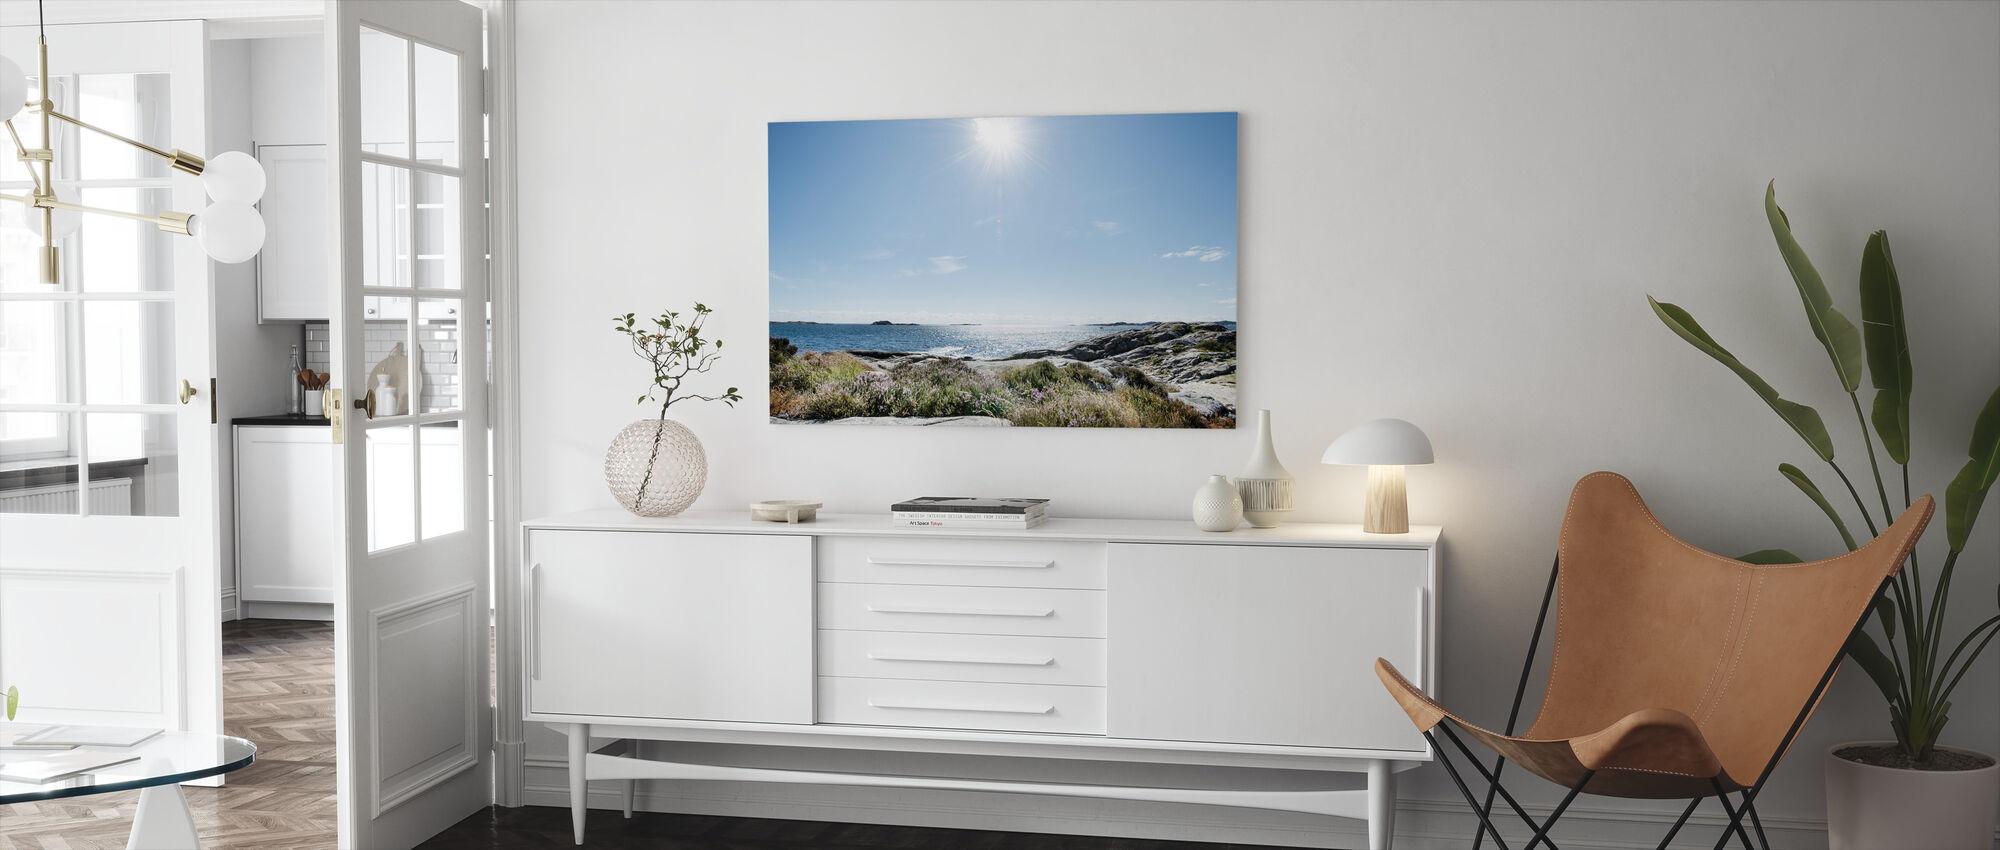 Meri kirkkaassa auringonvalossa, Etelä-Norja - Canvastaulu - Olohuone